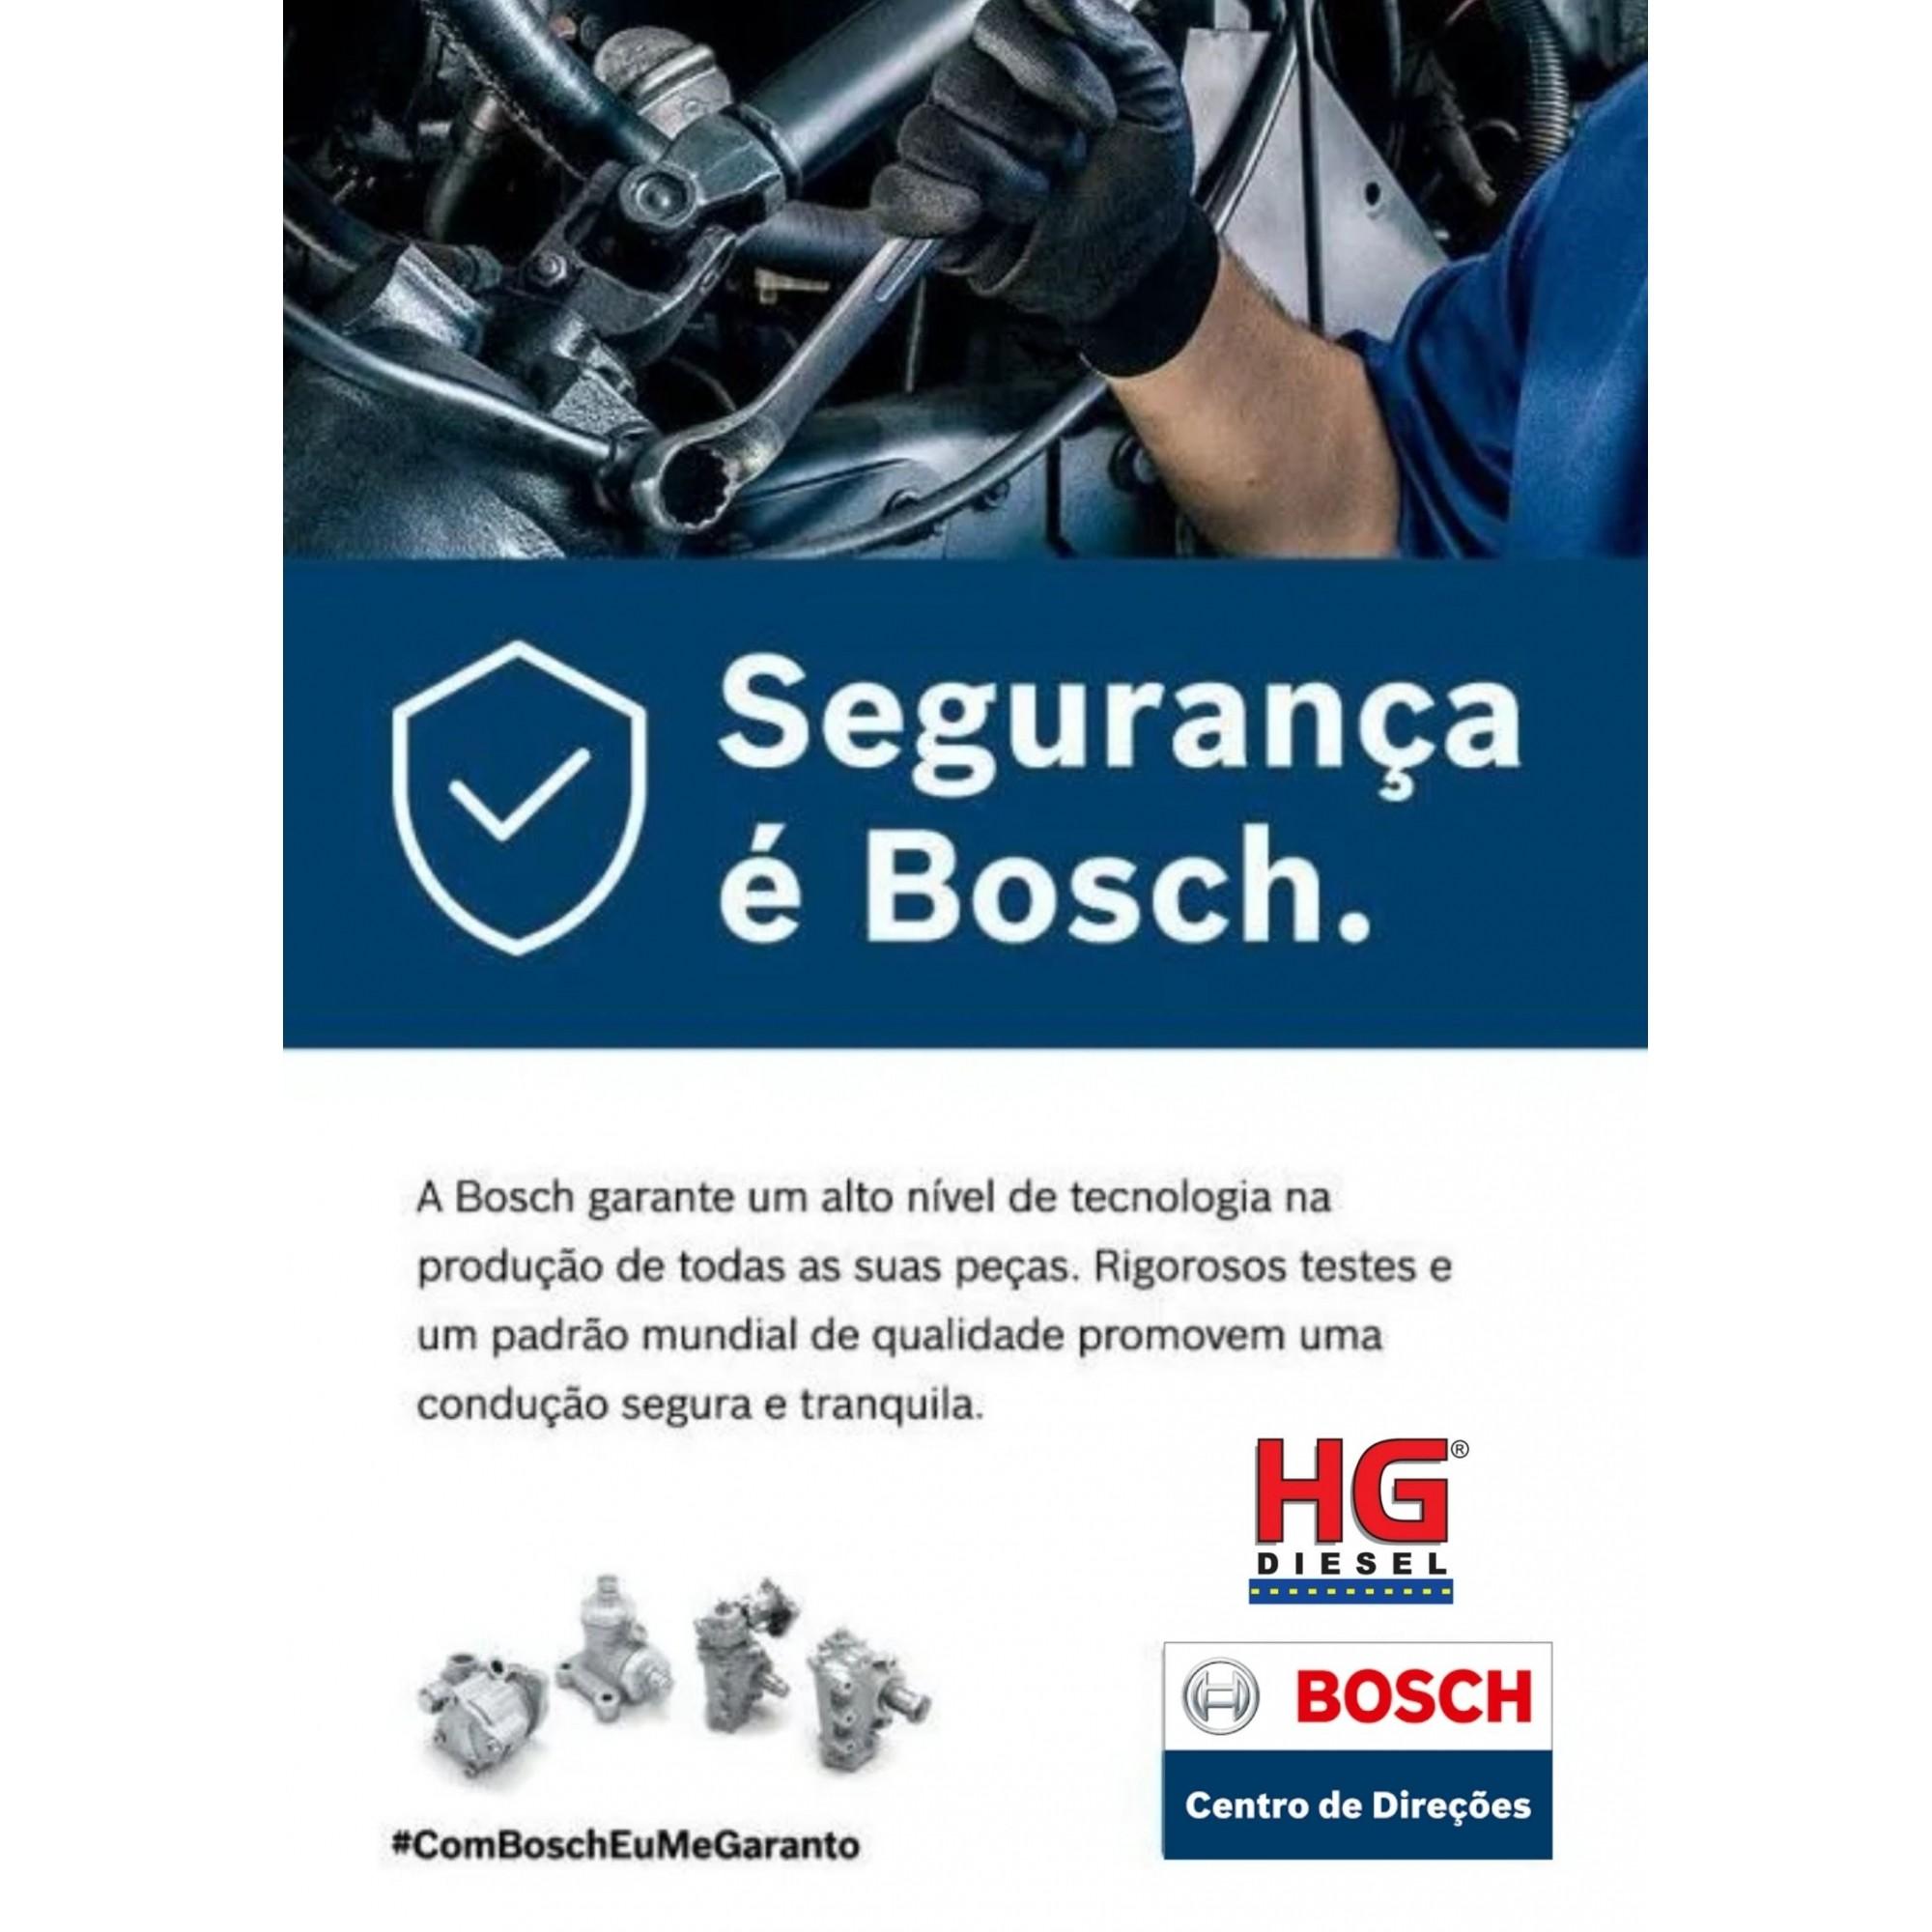 BOMBA DIREÇÃO HIDRÁULICA ZF ÔNIBUS FORD E VW - AUTOLATINA